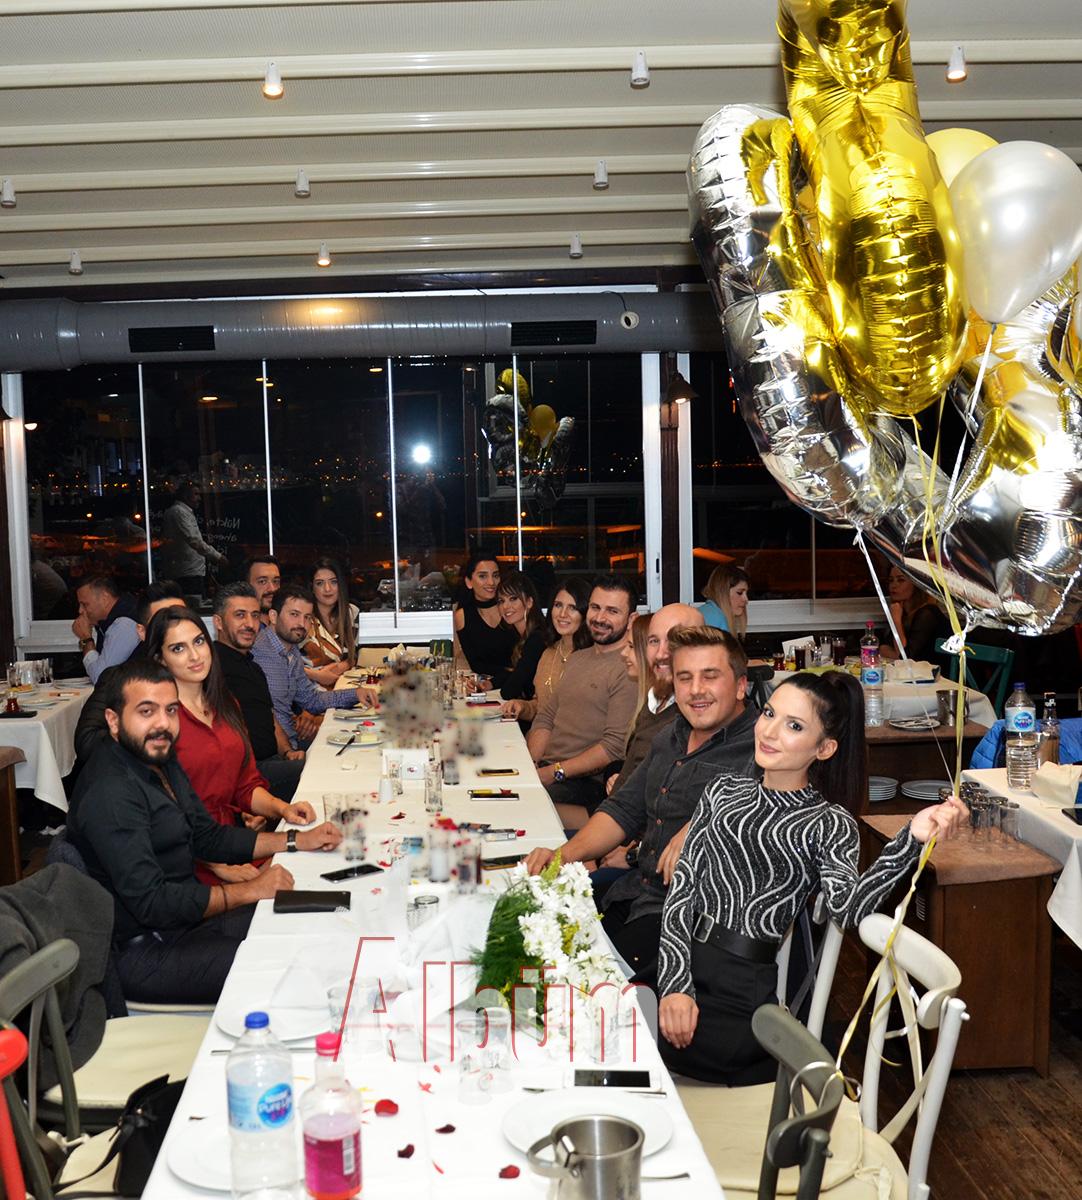 Yeni yaşını dostlarıyla kutladı